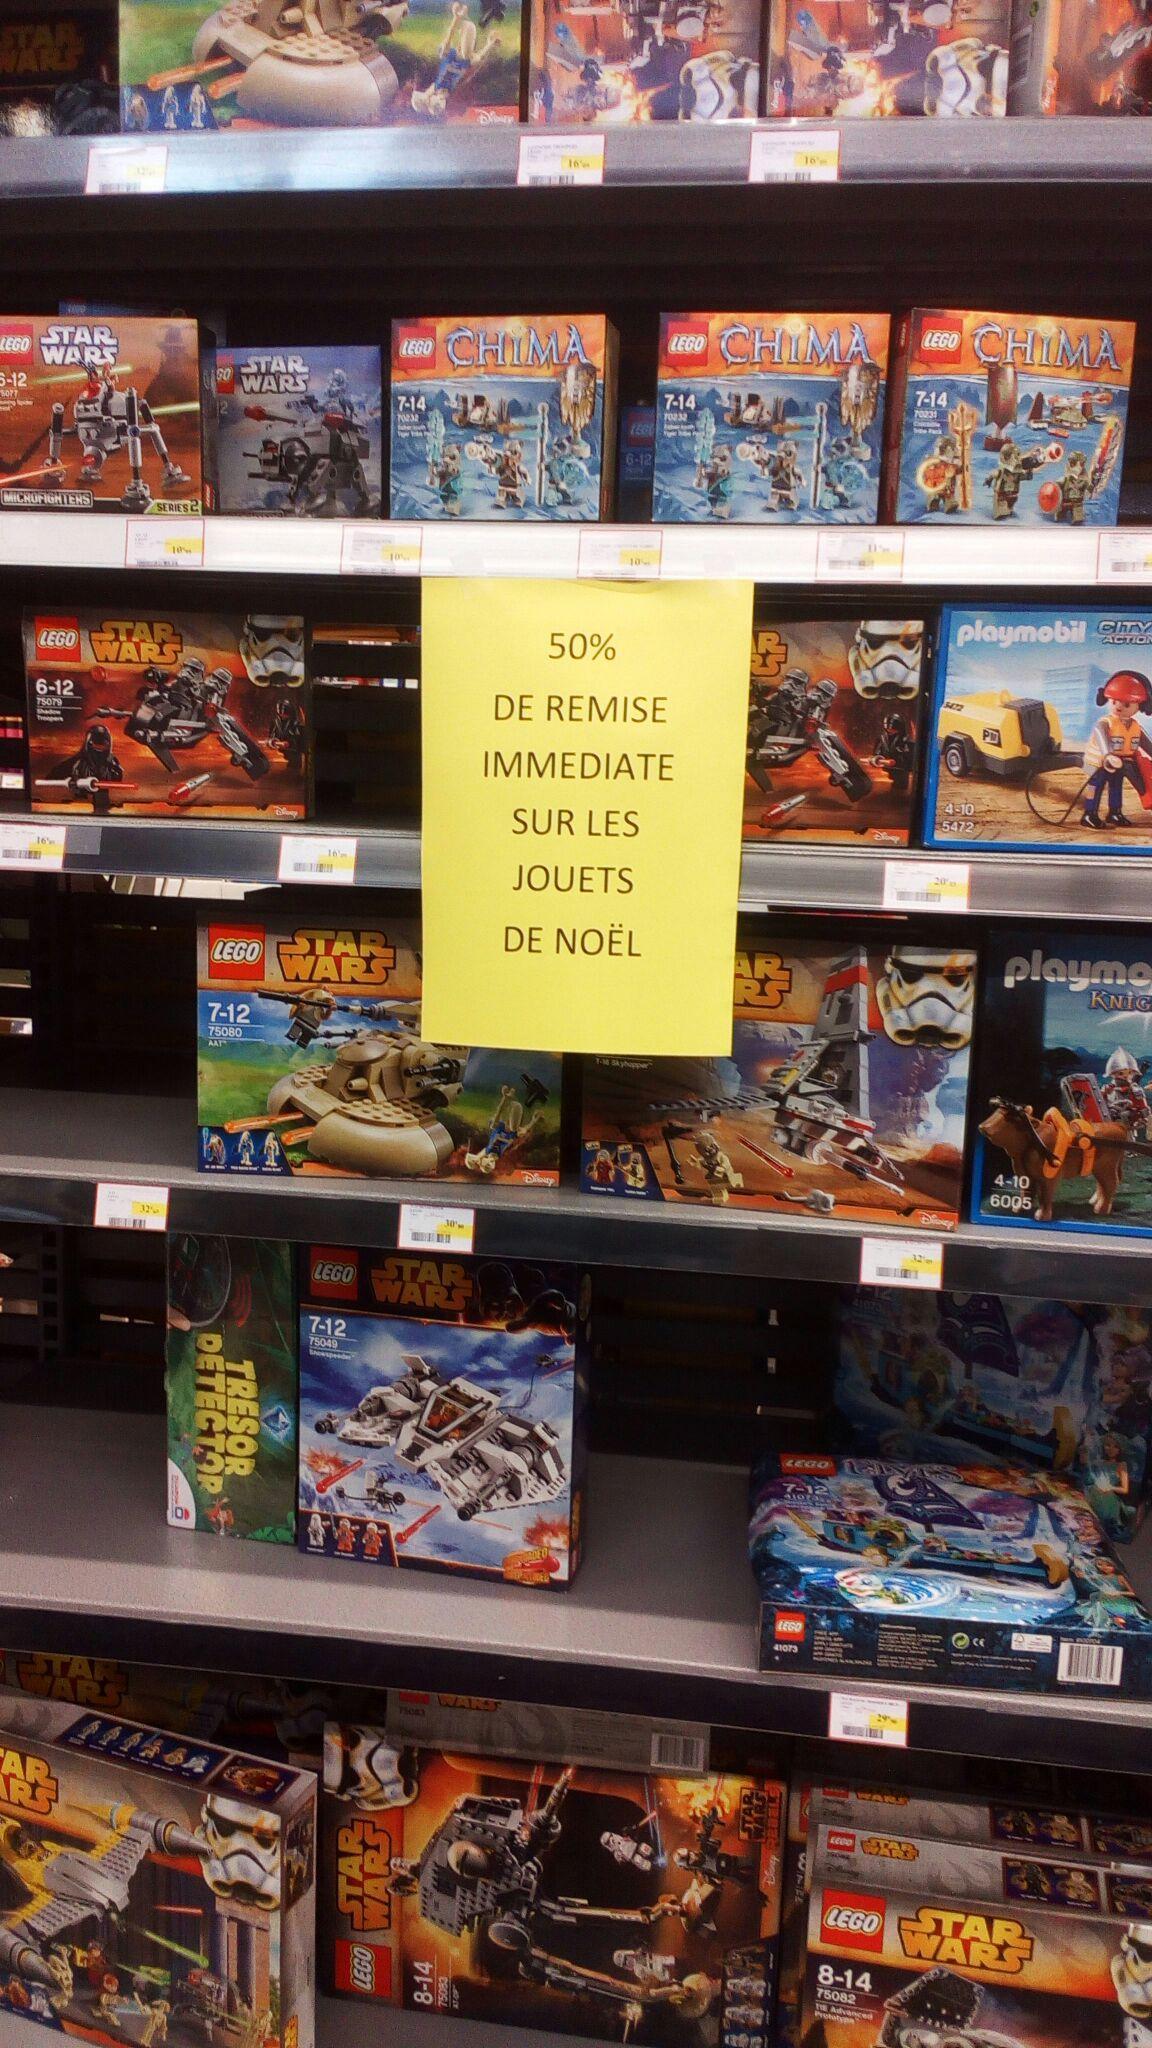 50% de réduction immédiate sur les jouets de noël (Lego, Playmobil...)